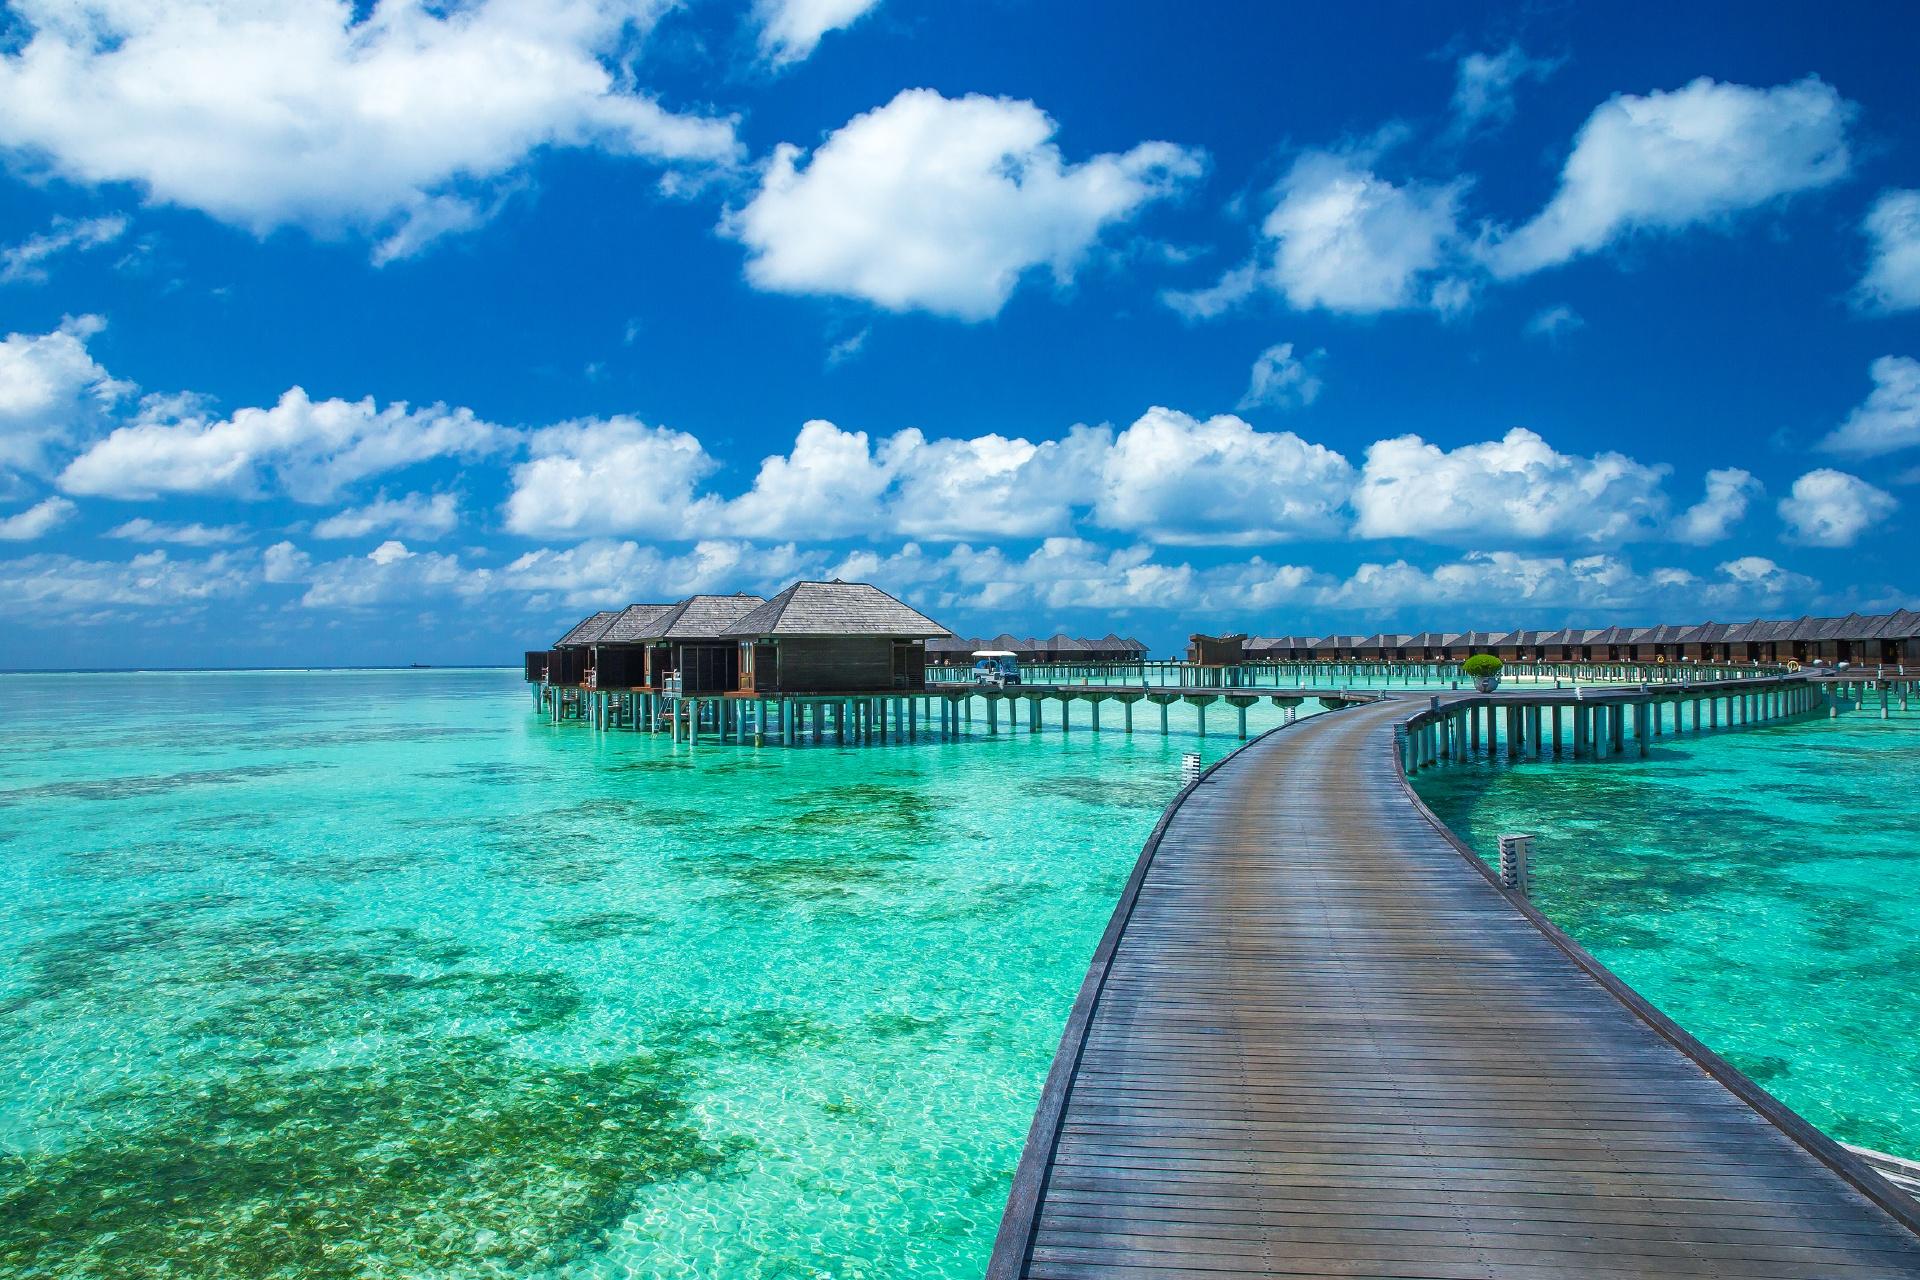 水上バンガローと美しい海 モルディブの風景